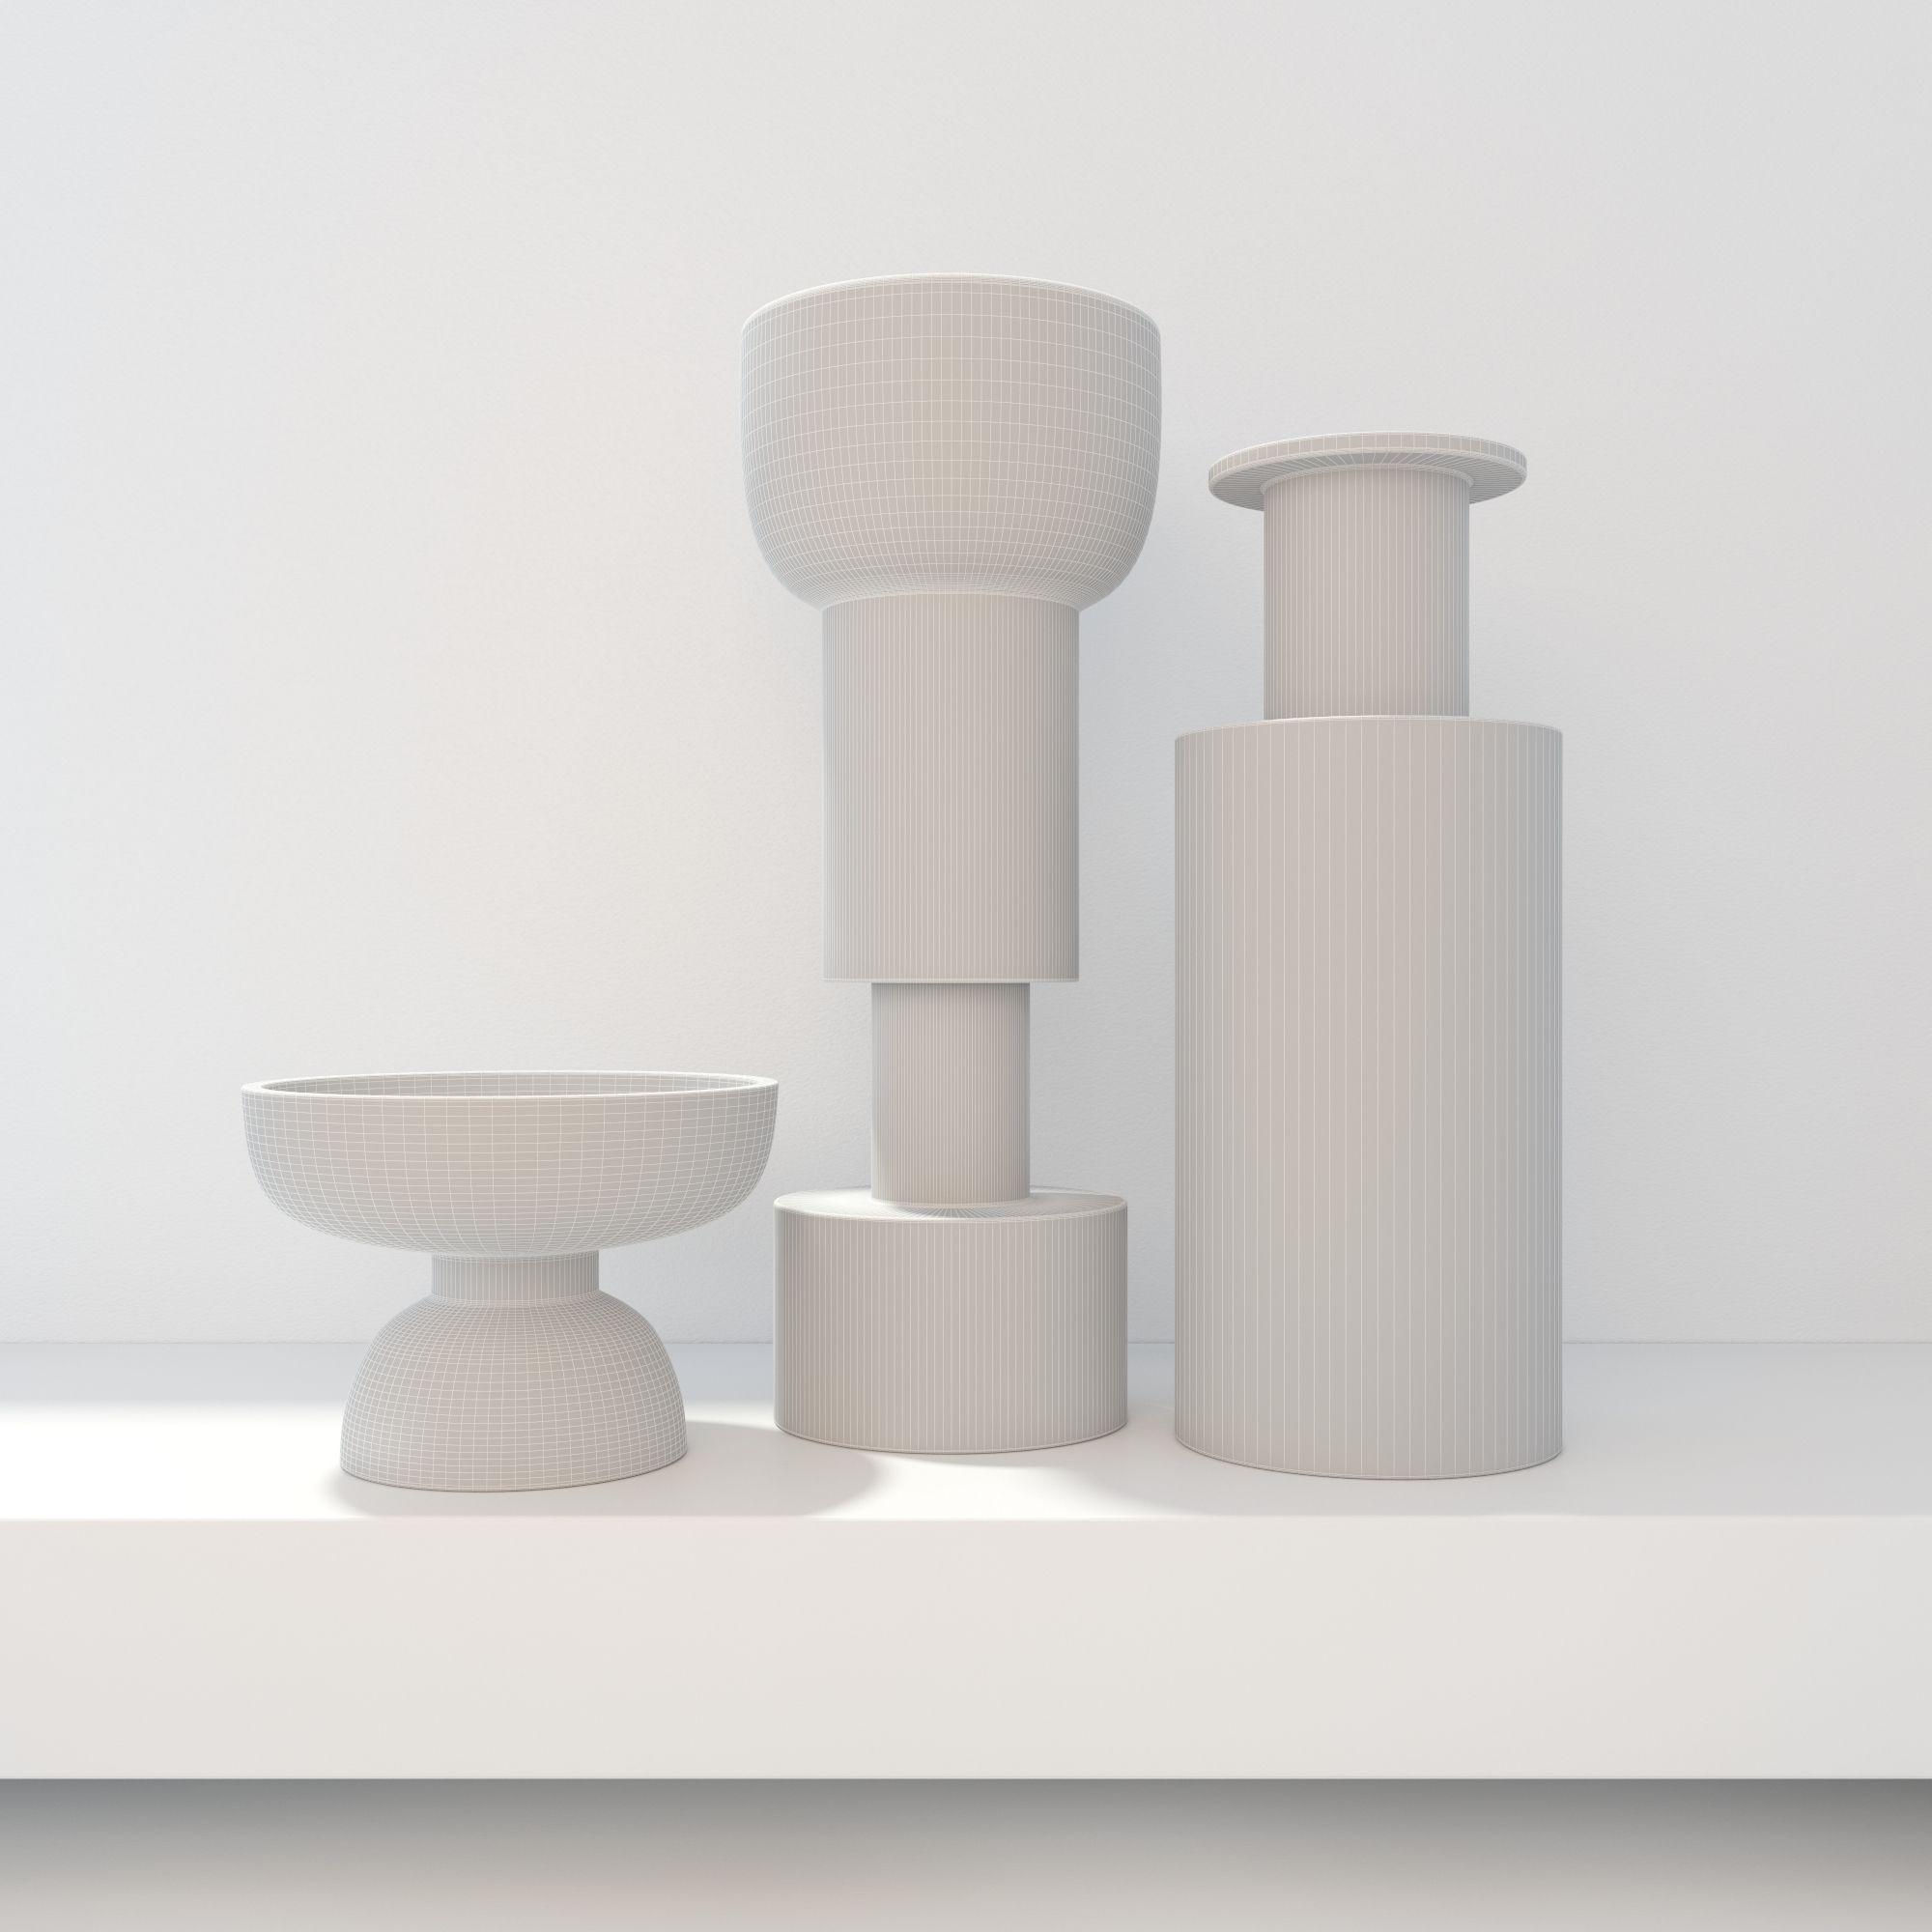 bitossi modern vases black and white decor d model max obj fbx mtl -  bitossi modern vases black and white decor d model max obj fbx mtl